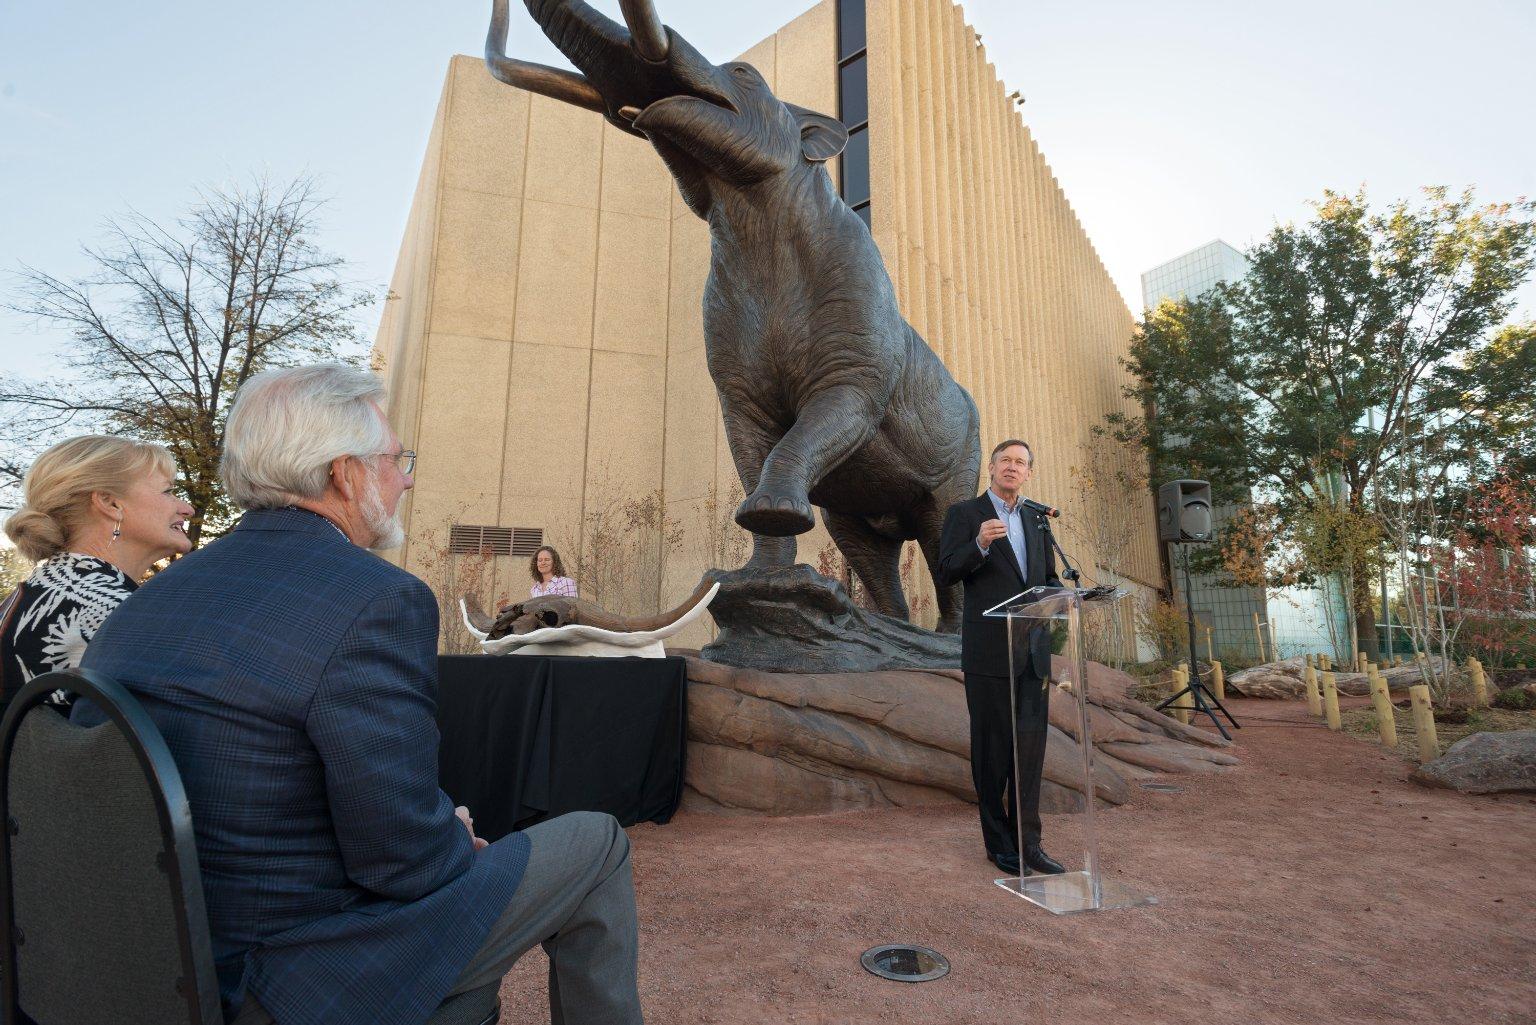 Dedication of Bronze Mastodon Sculpture